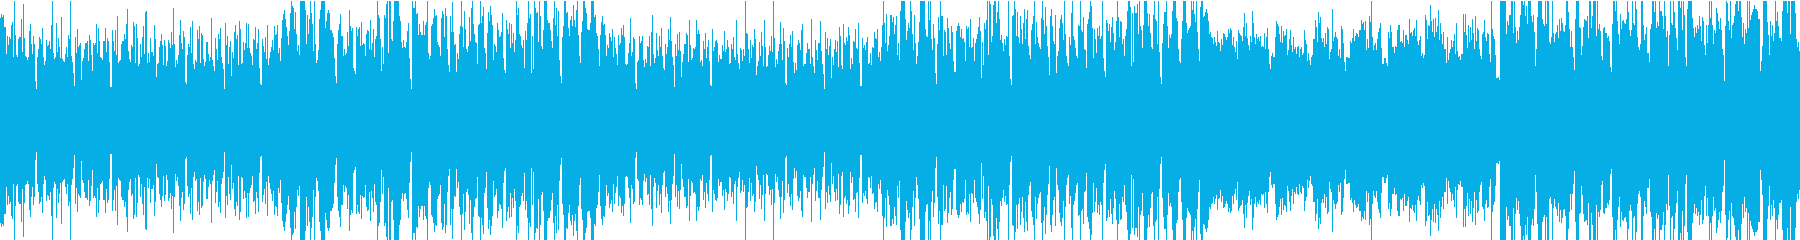 疾走感のある電子音楽の再生済みの波形